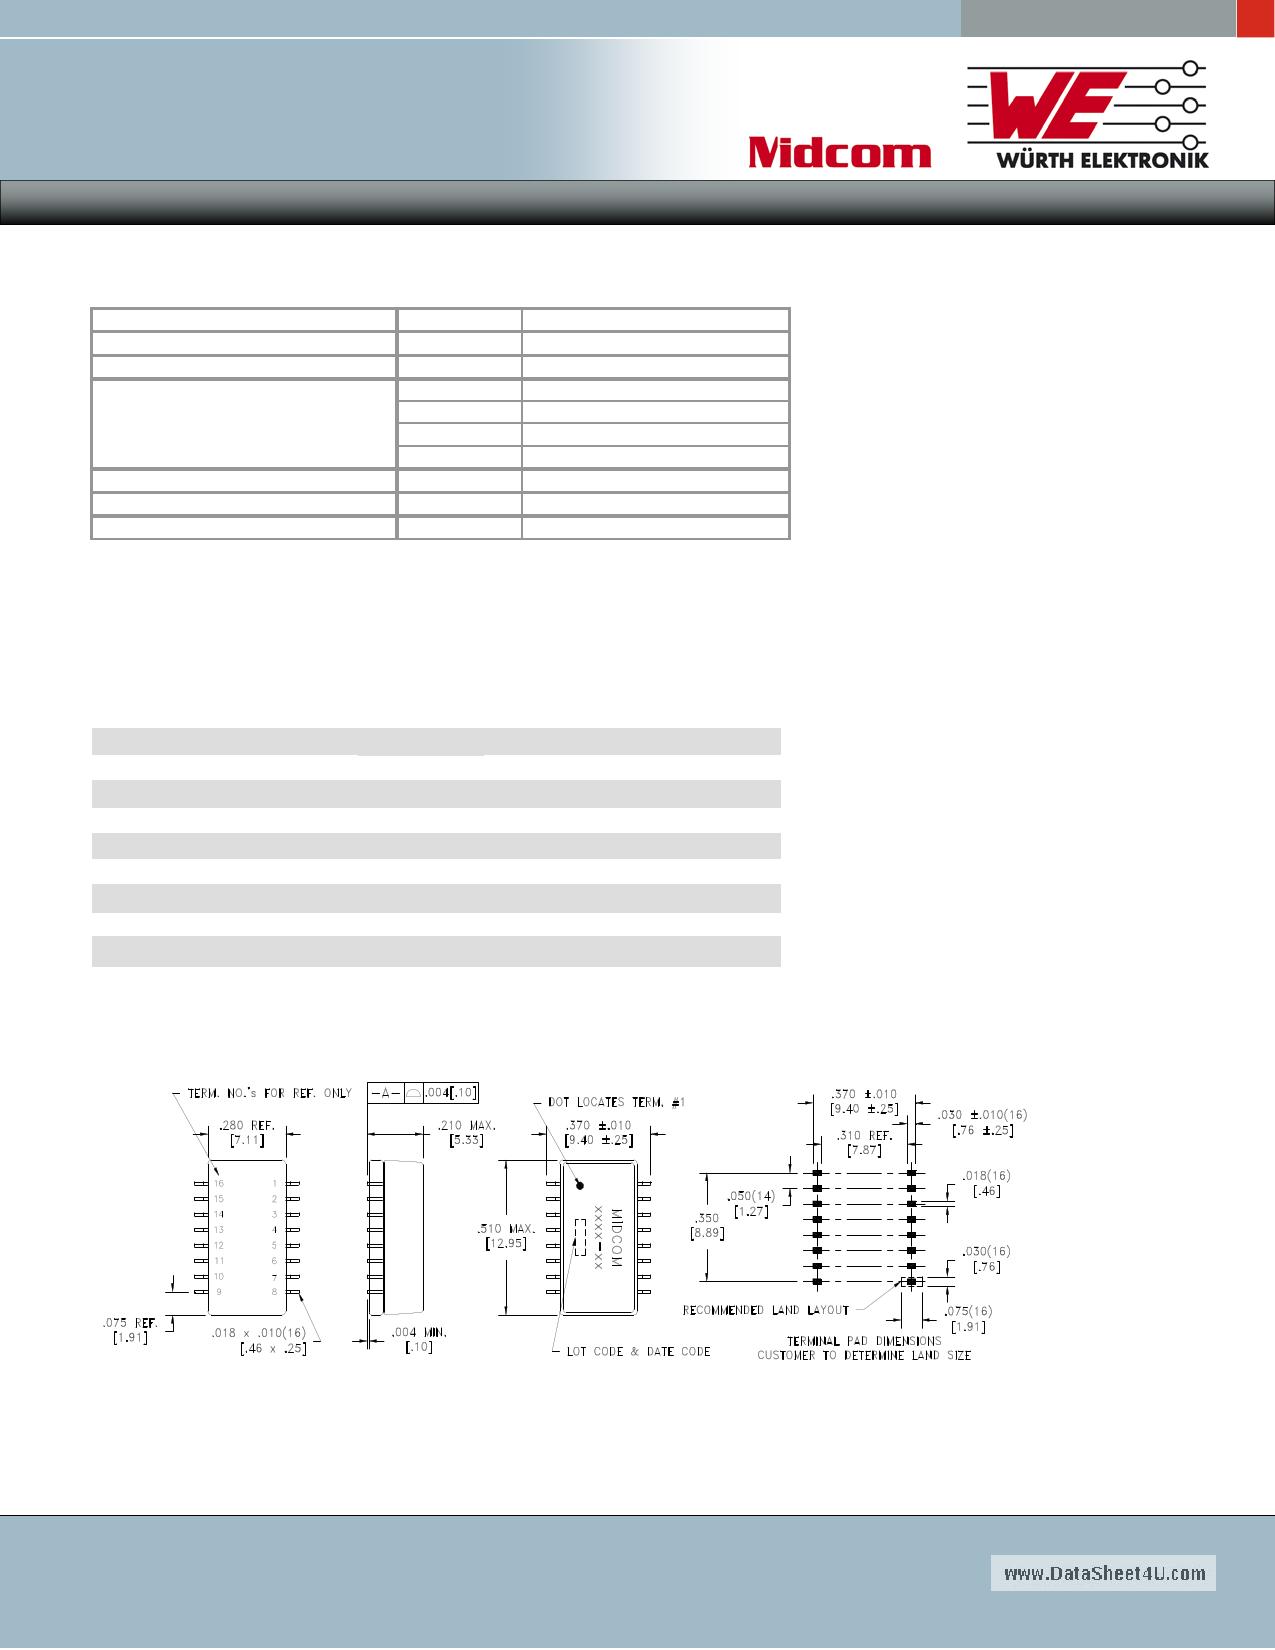 000-7091-37 datasheet